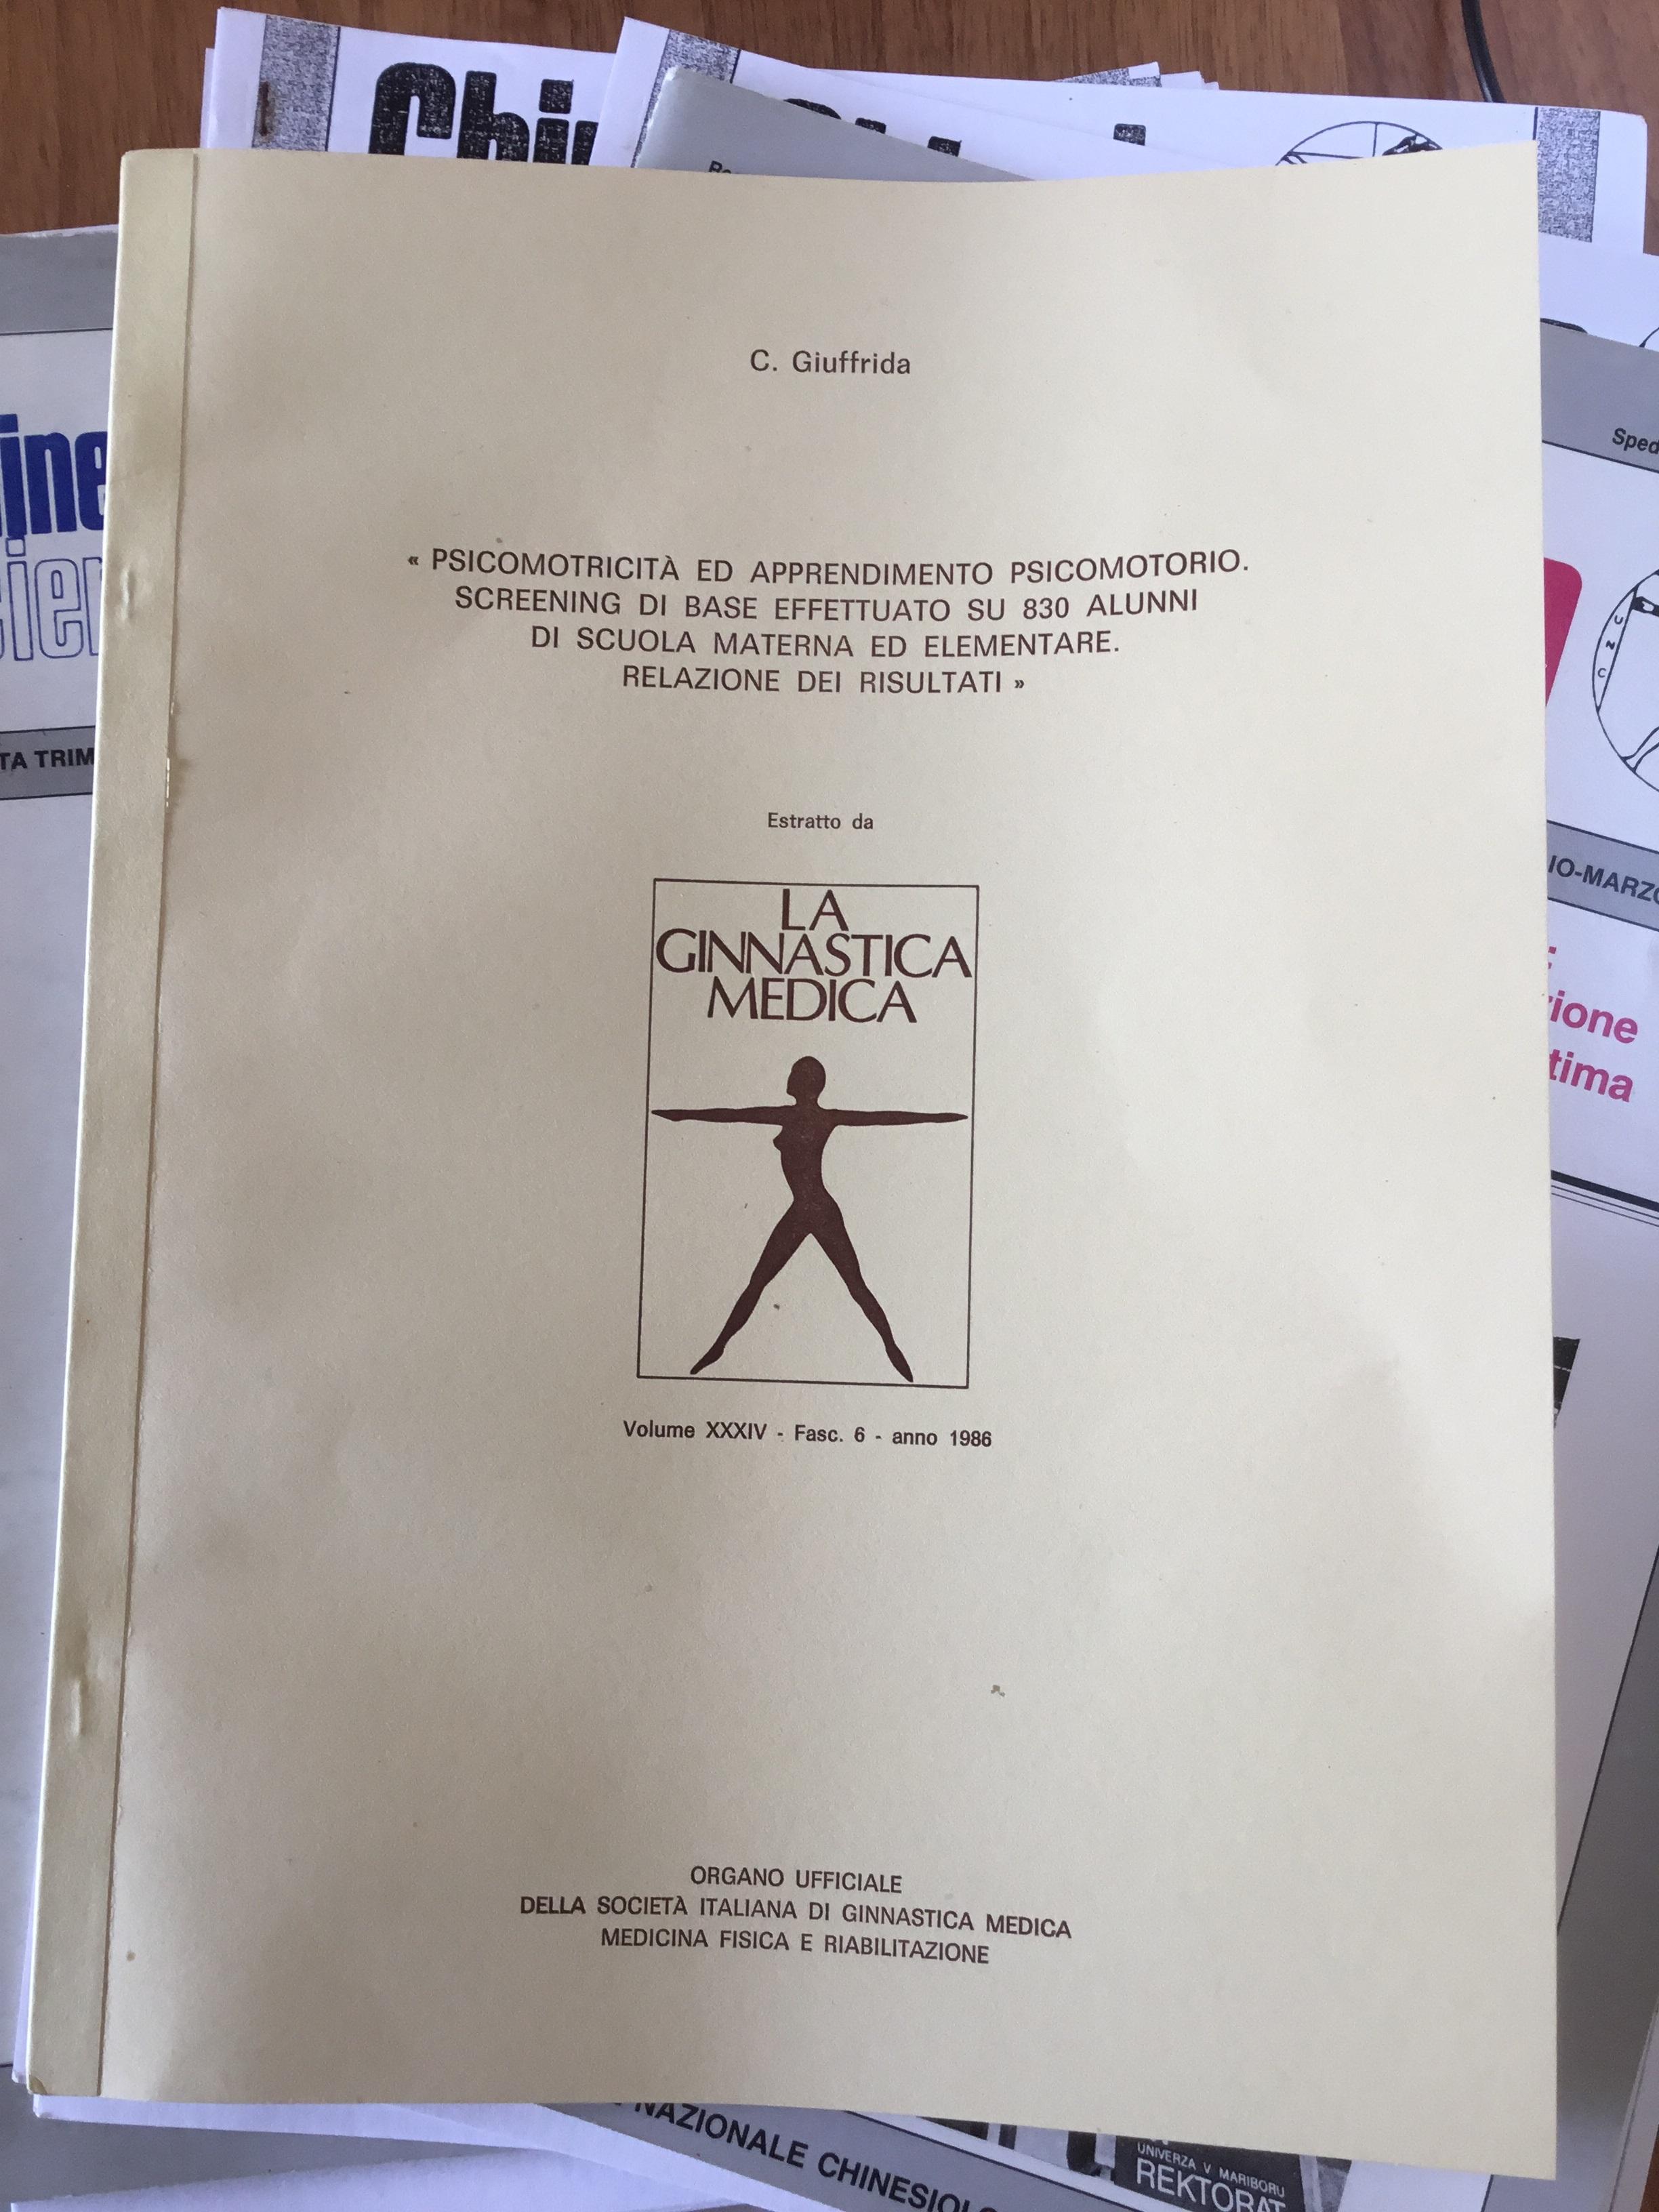 Scoliosi Archivi Prof Dott Carmelo Giuffrida Catania